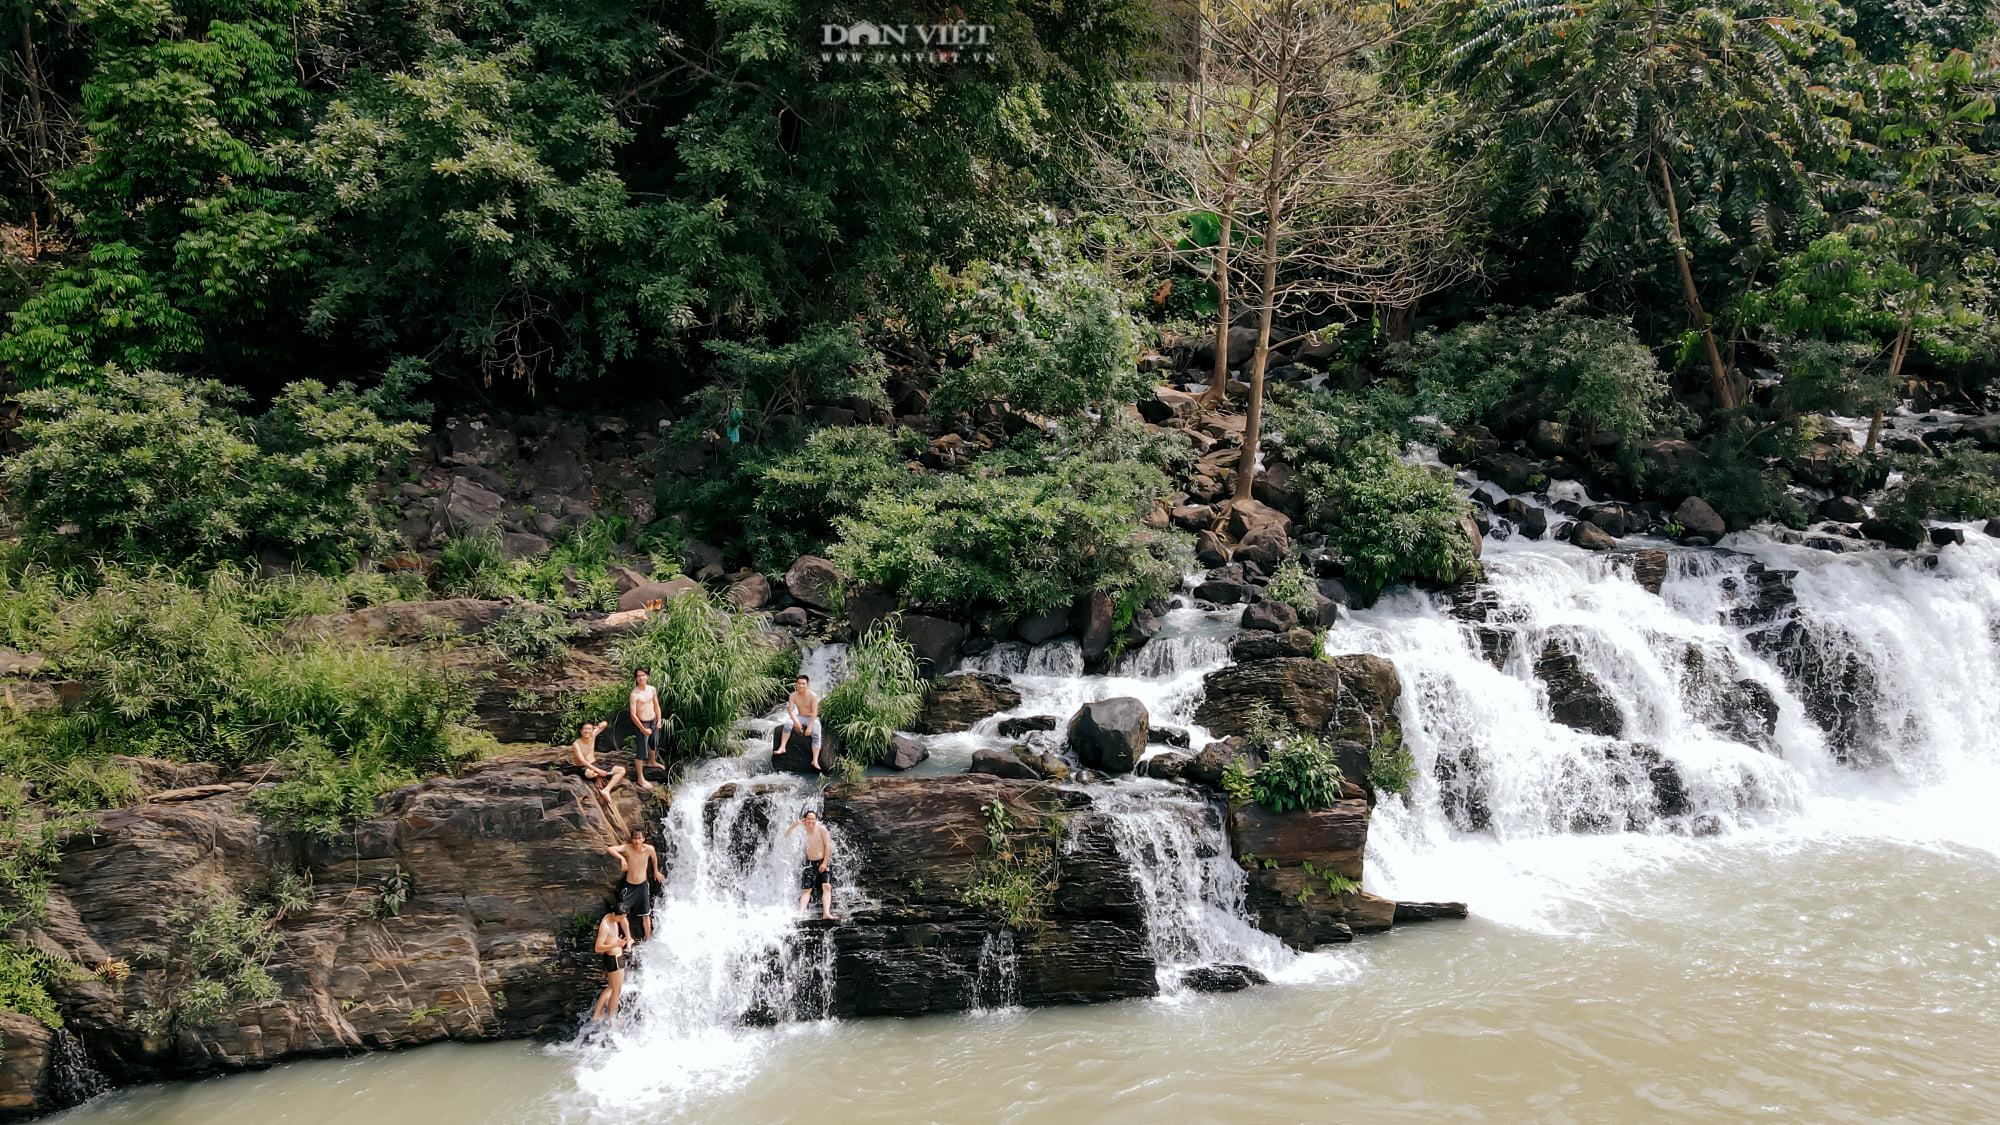 """Bị """"thôi miên"""" bởi cảnh đẹp mê hồn của cụm thác nổi tiếng nhất Đắk Nông - Ảnh 3."""